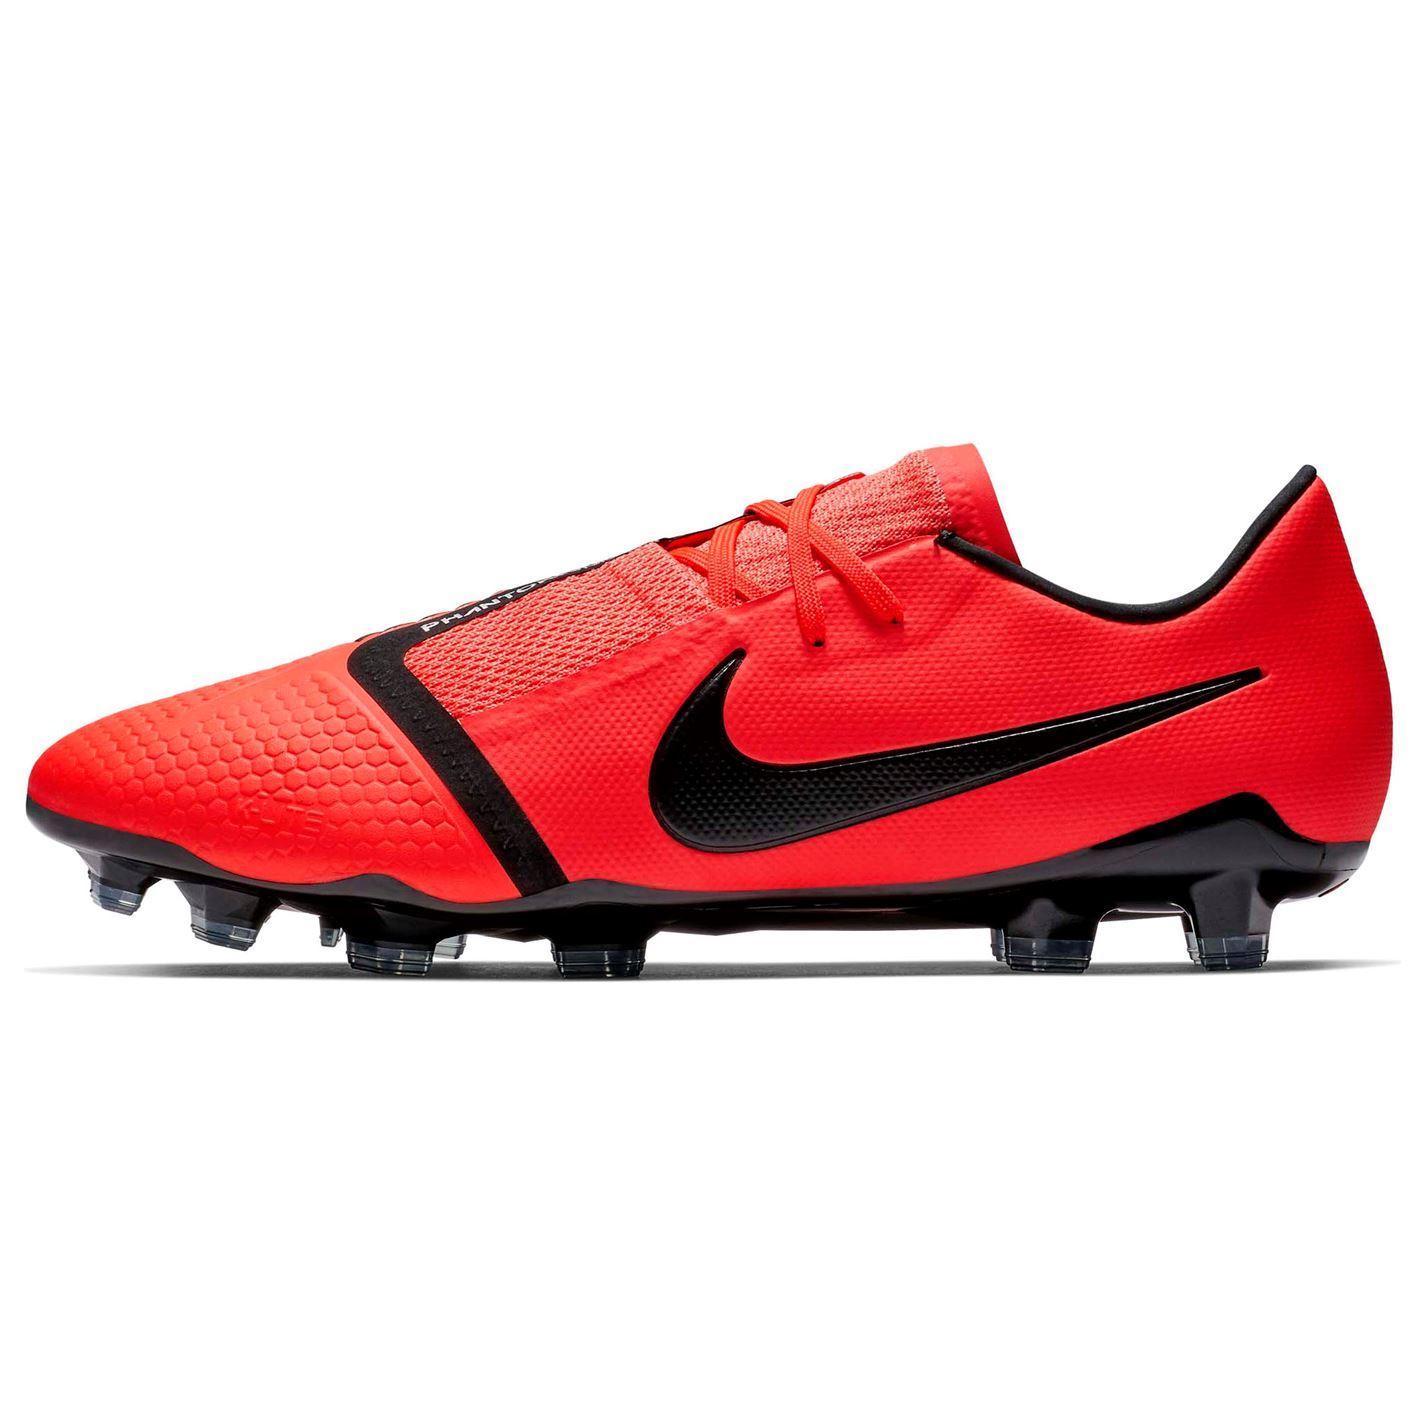 Dettagli su Nike Phantom Venom pro Fg Scarpe da Calcio Uomo CremisiNero Tacchetti